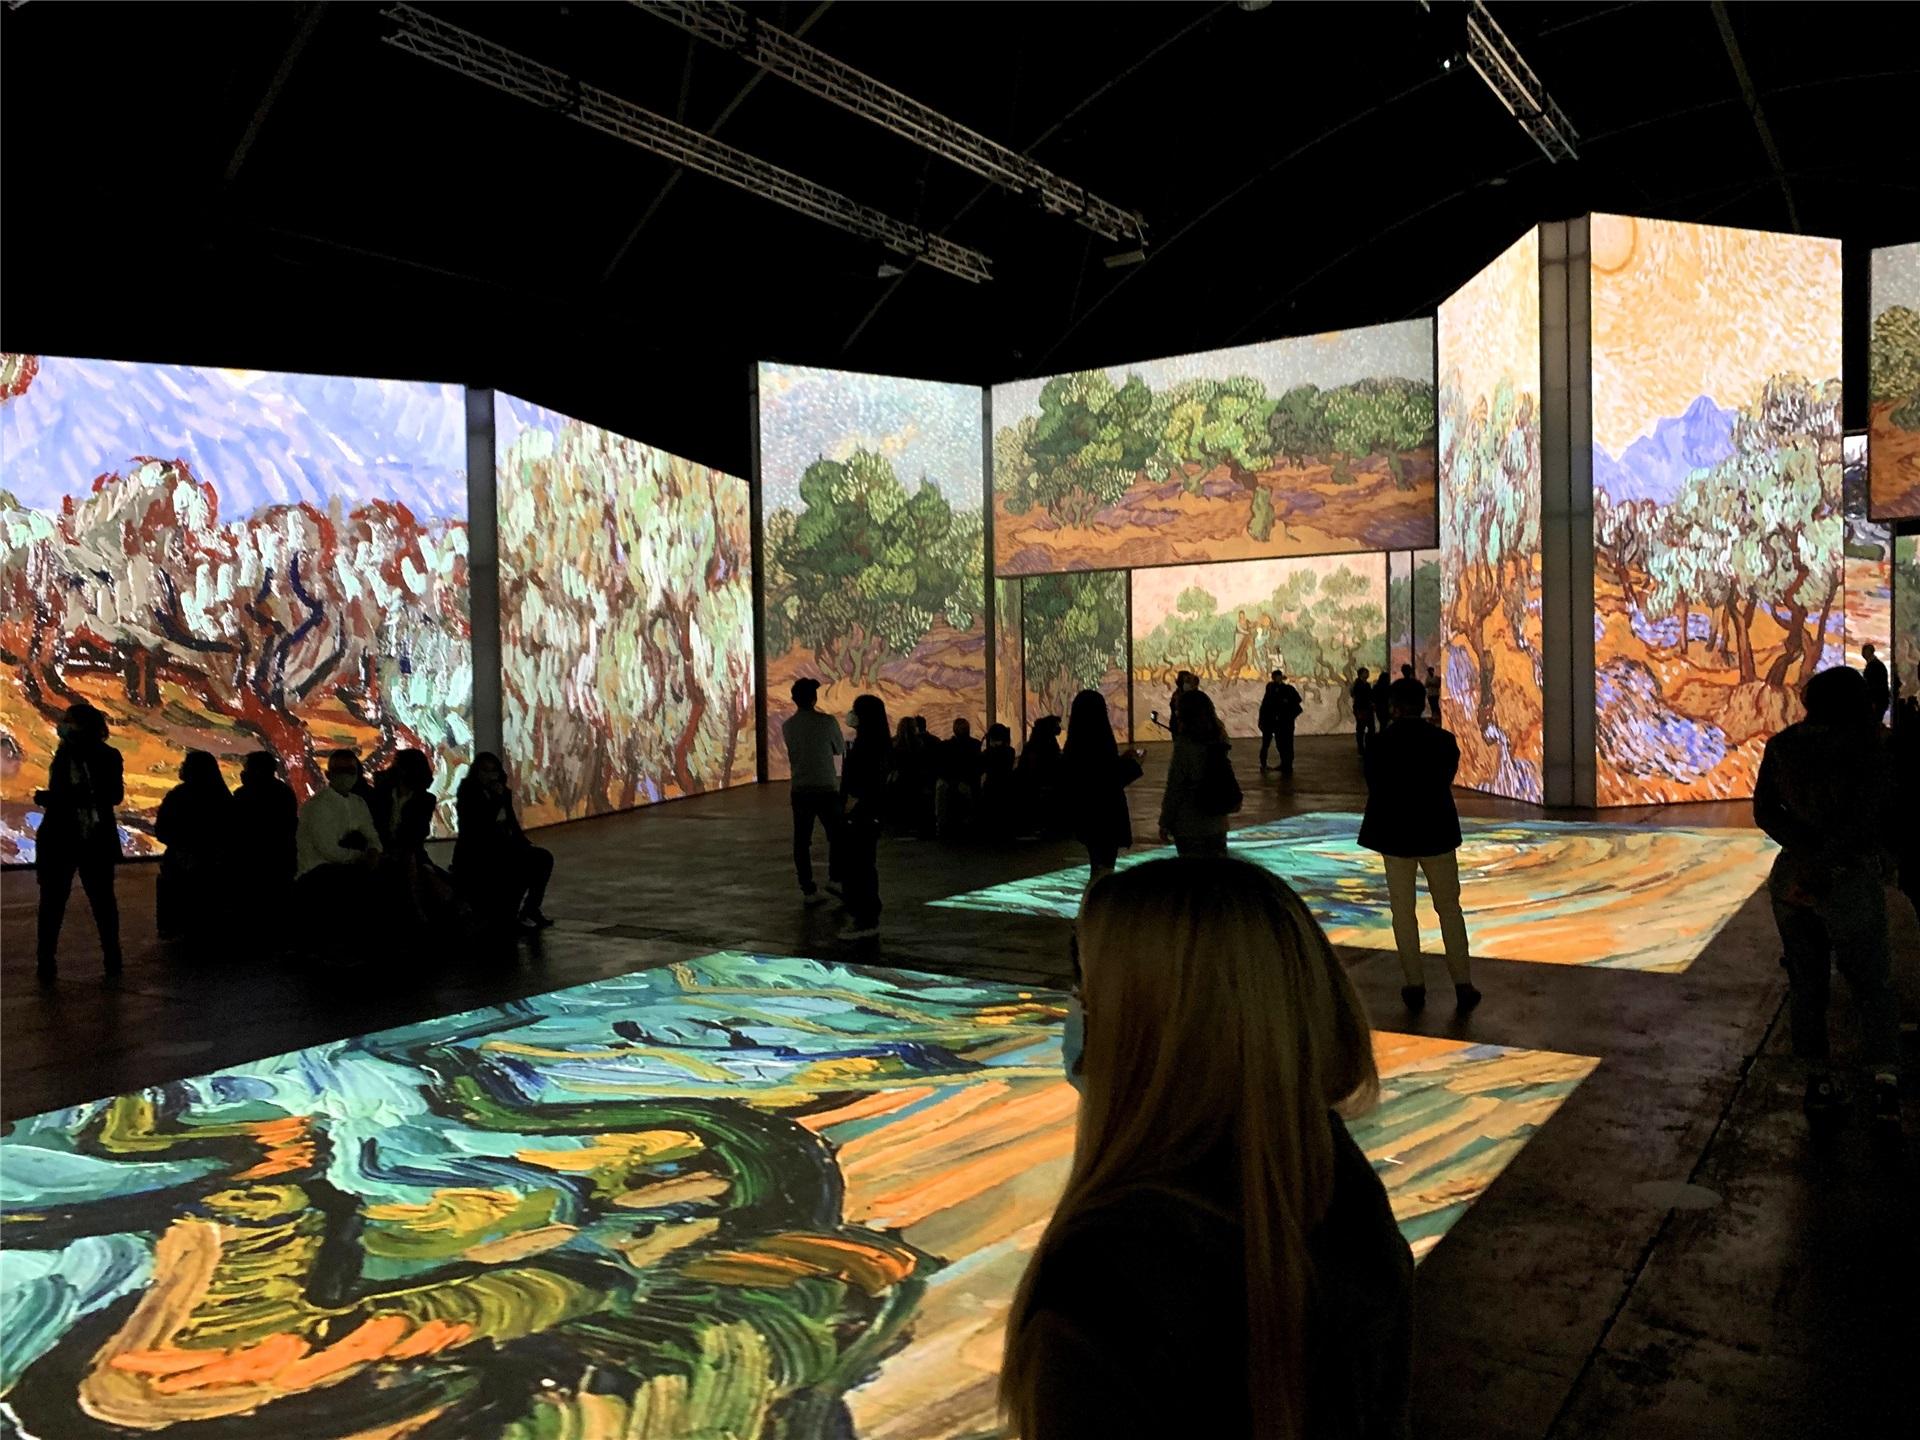 梵高沉浸式画展在悉尼开展 全新视角体验大师画作